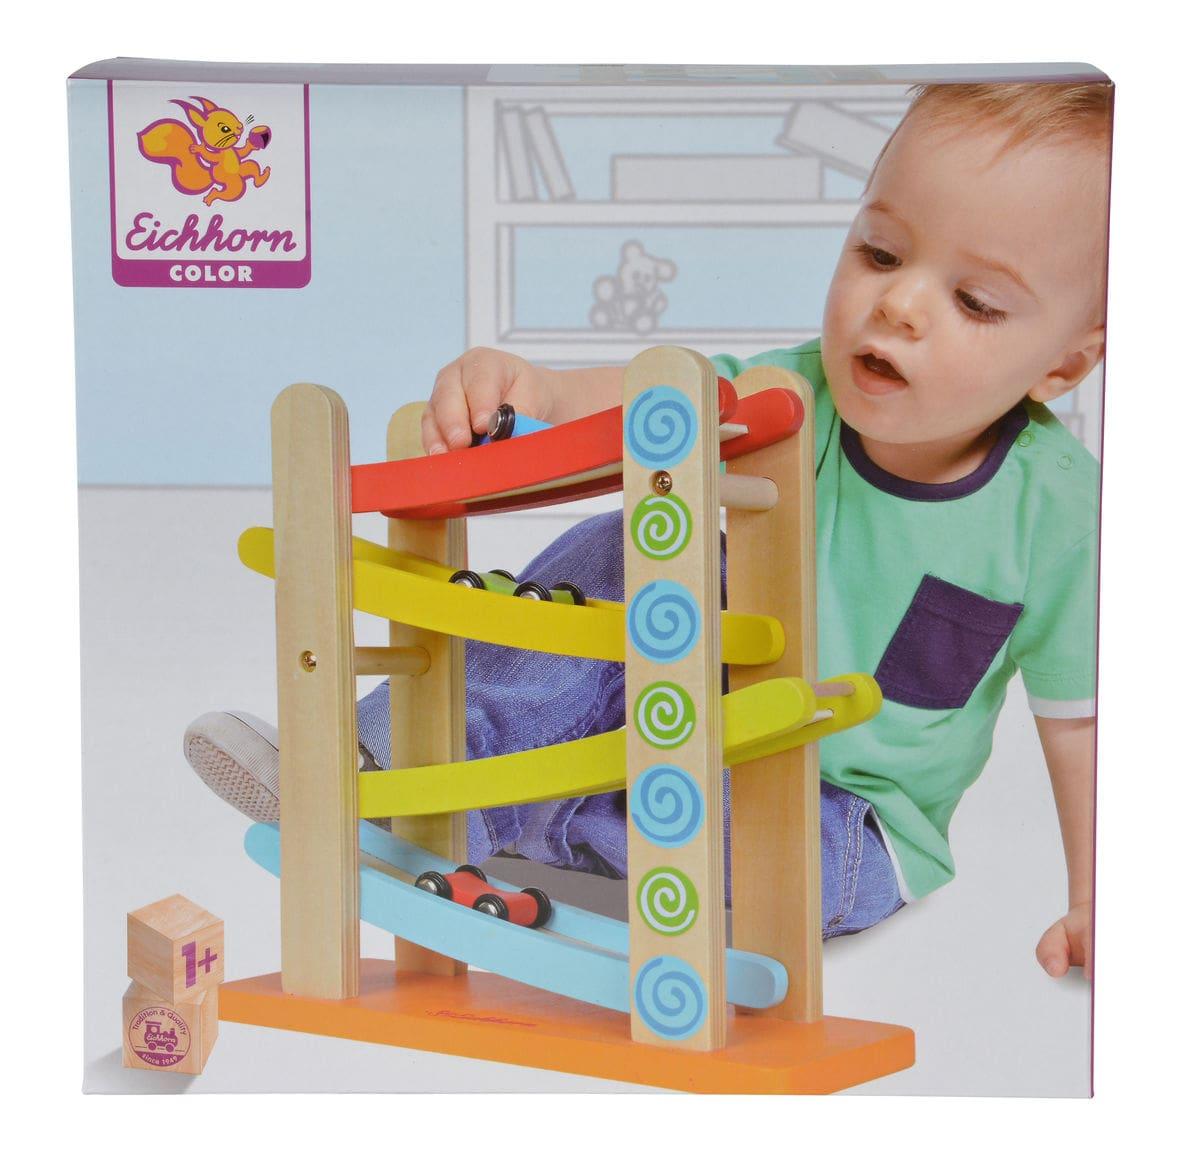 Eichhorn Color, Piste da corsa (FSC®) Set di giocattoli